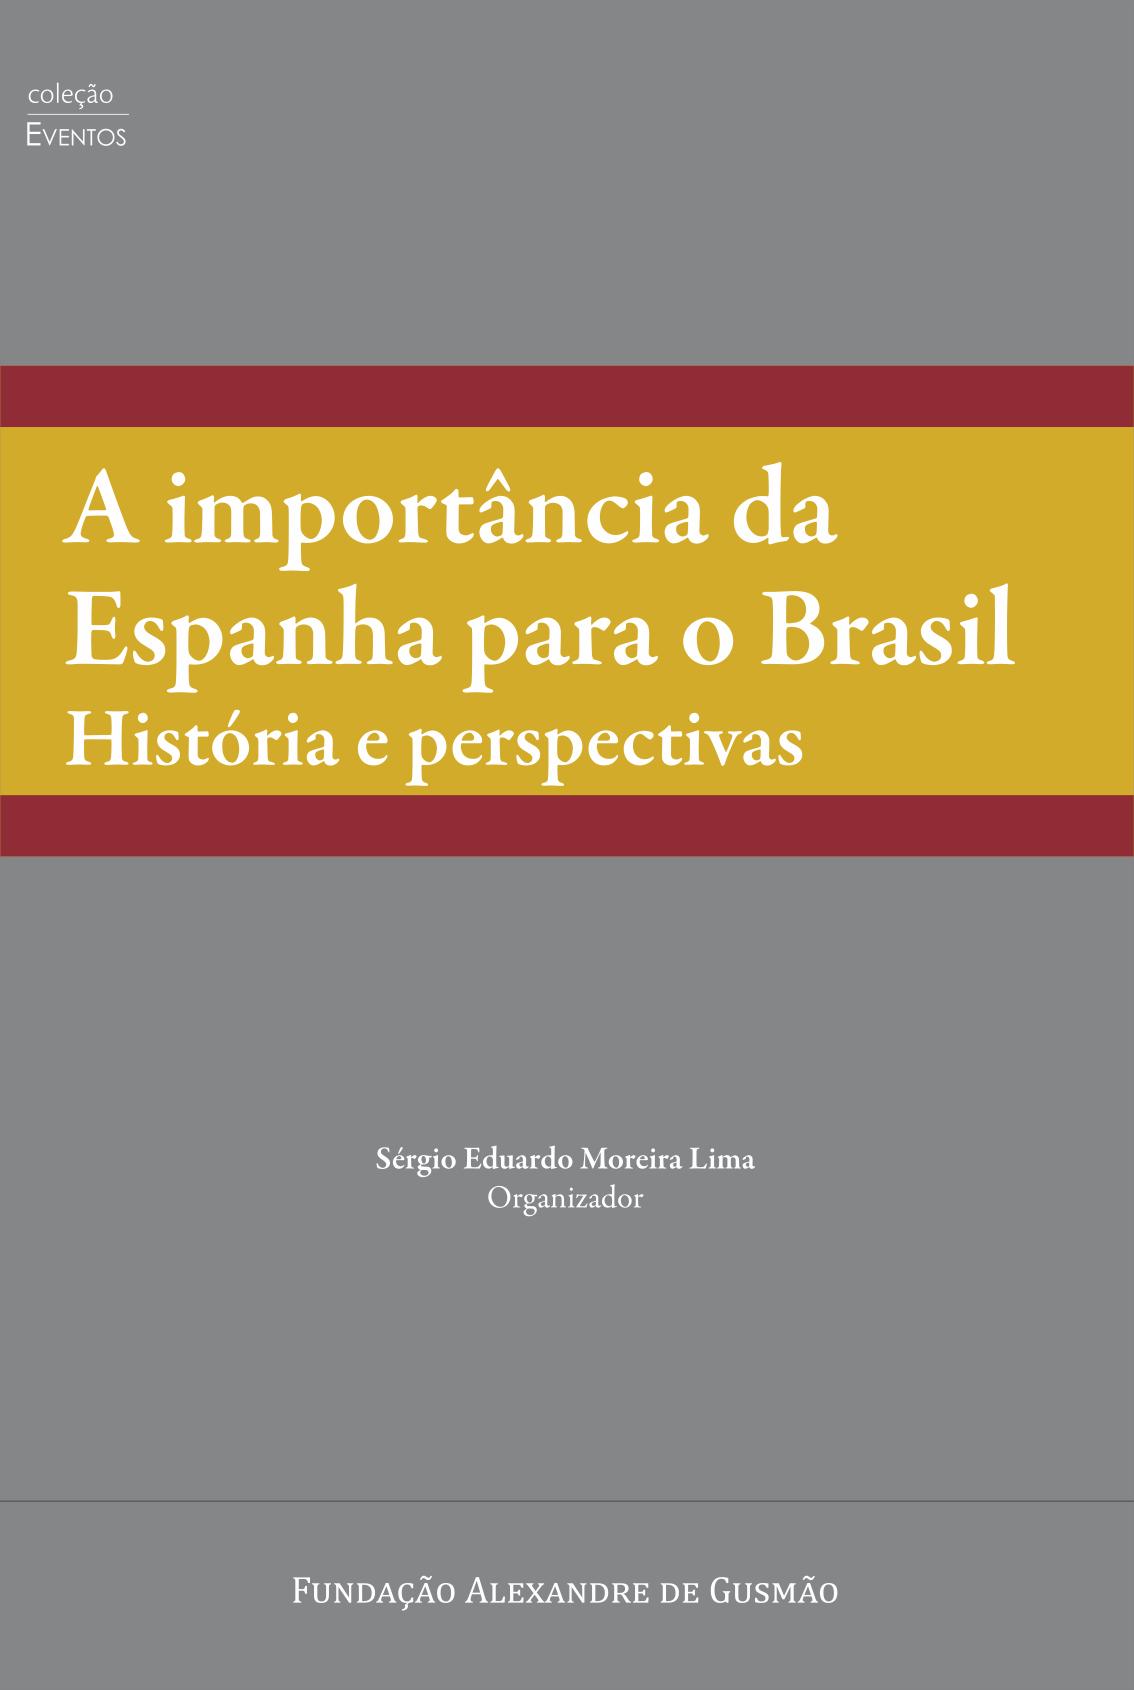 A importância da Espanha para o Brasil Histórias e perspectivas